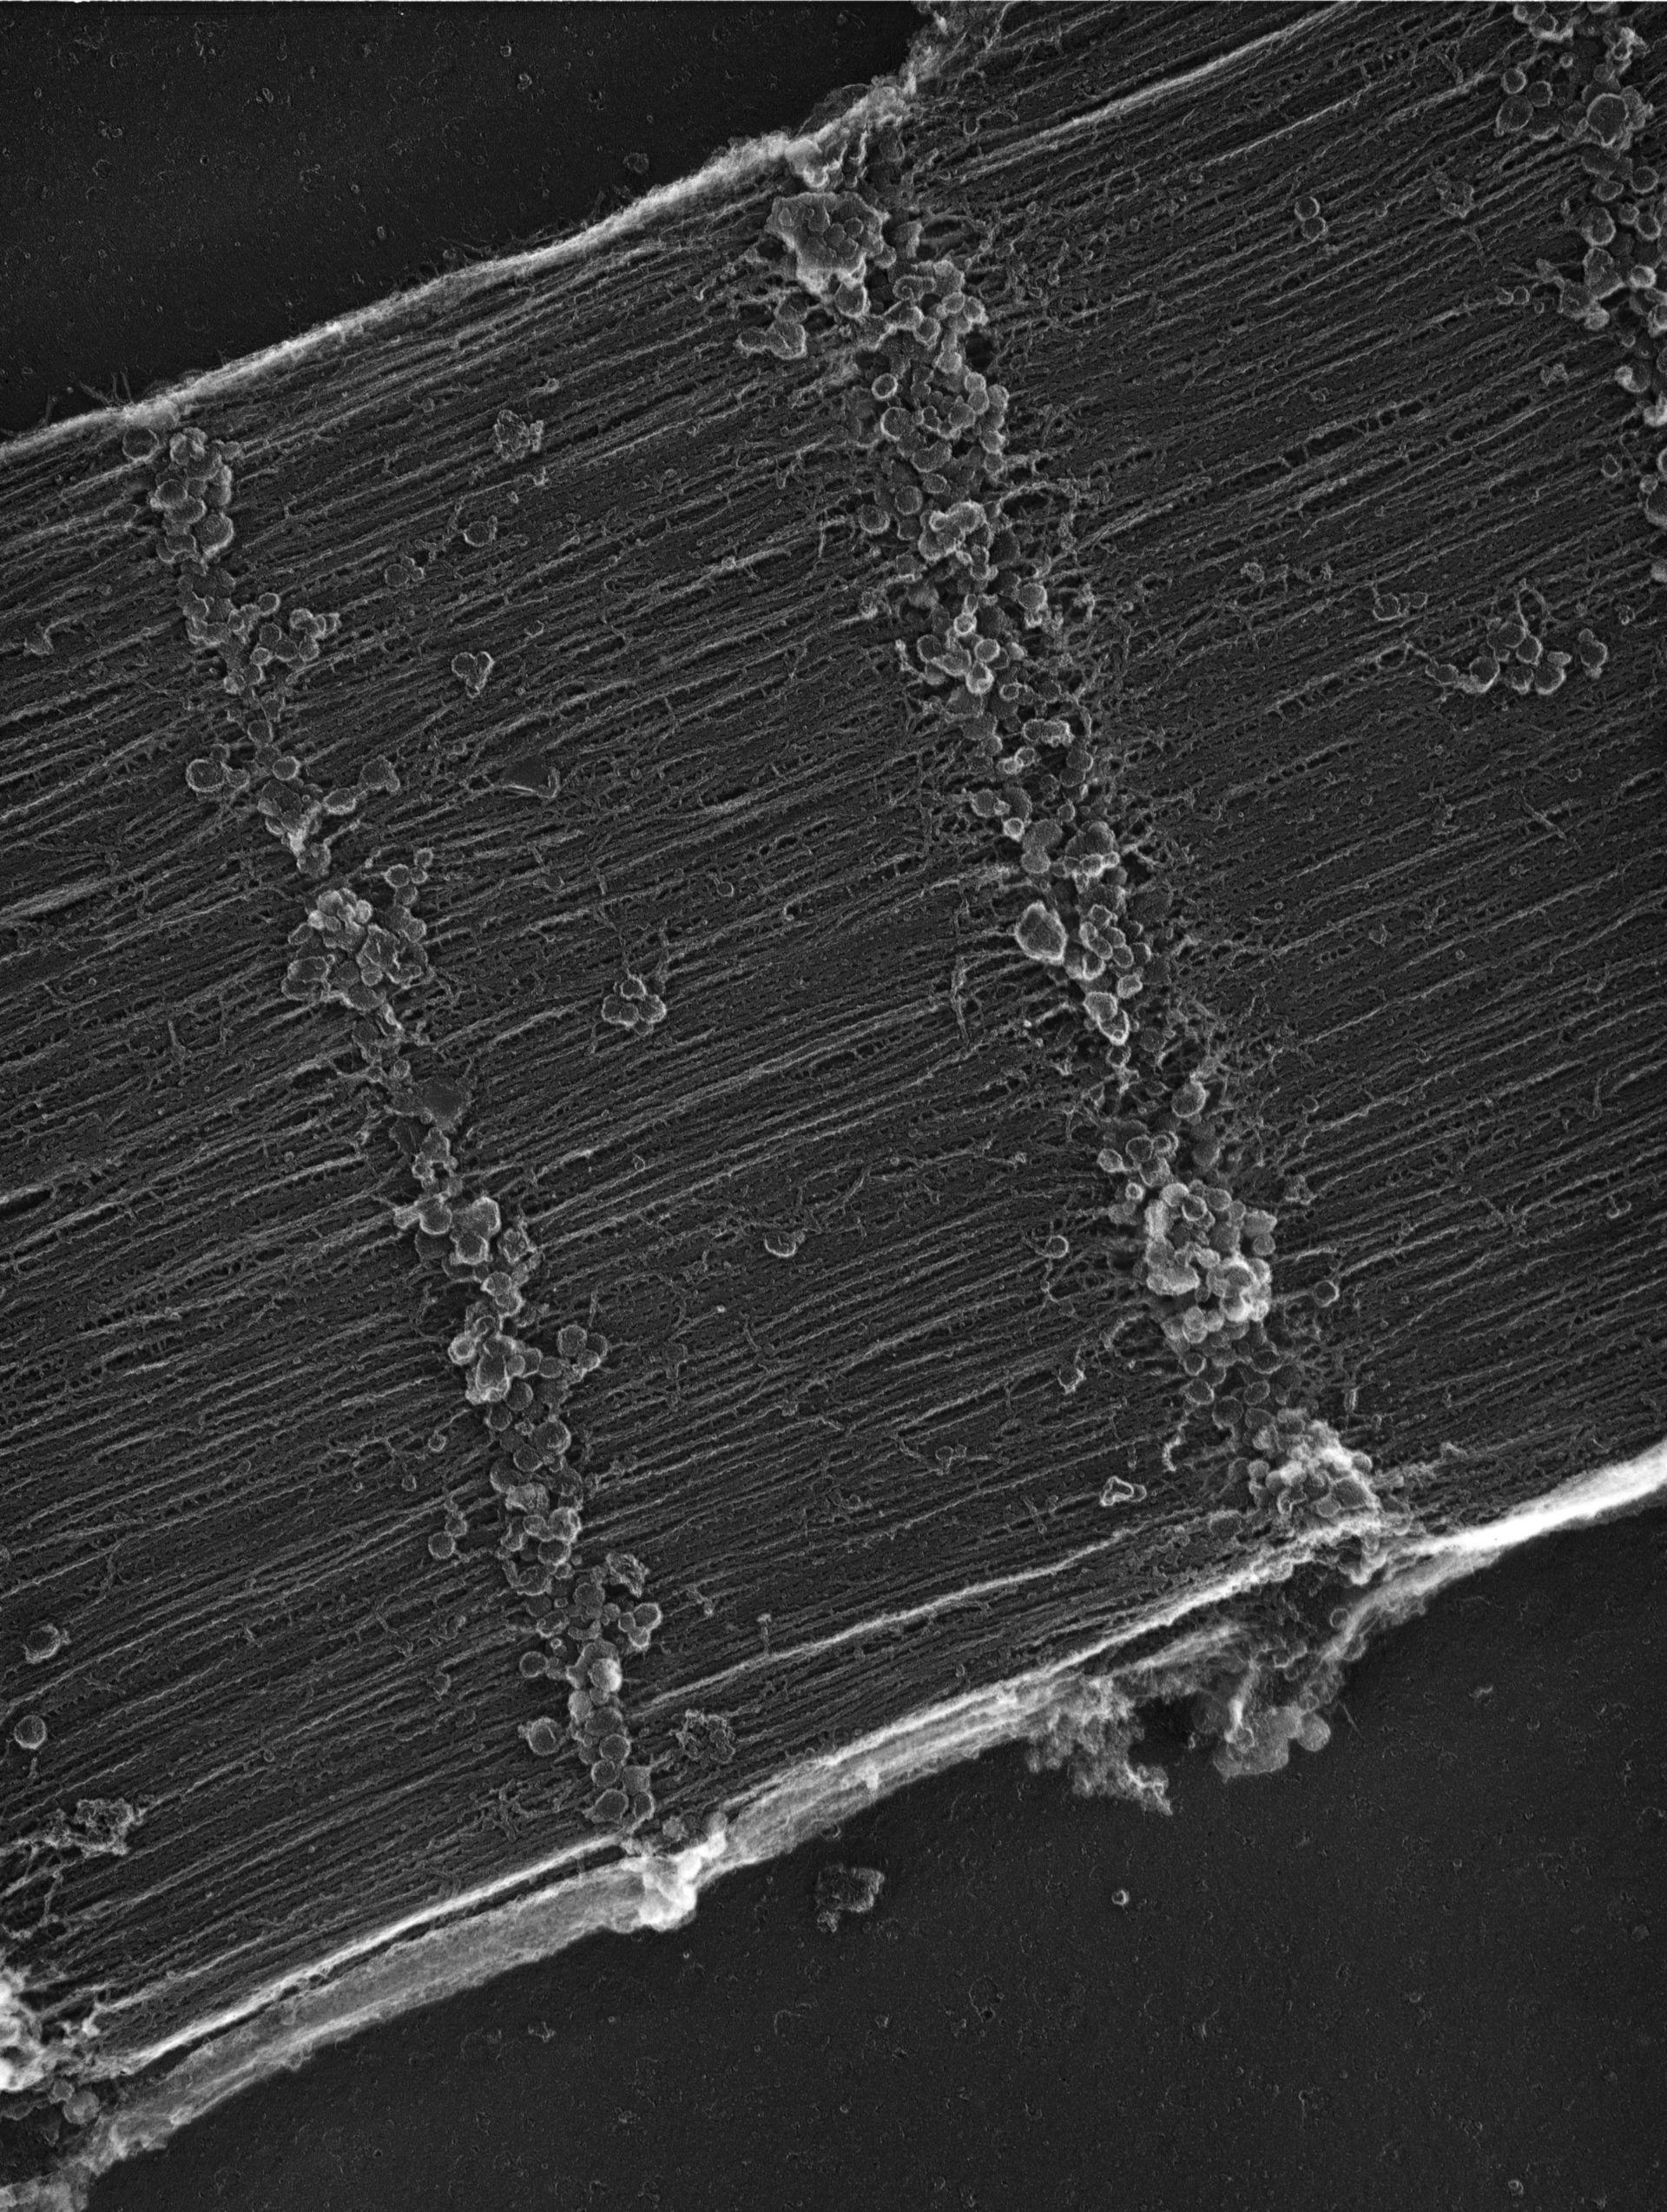 Seejungfer (Sarcoplasmic reticulum) - CIL:35971